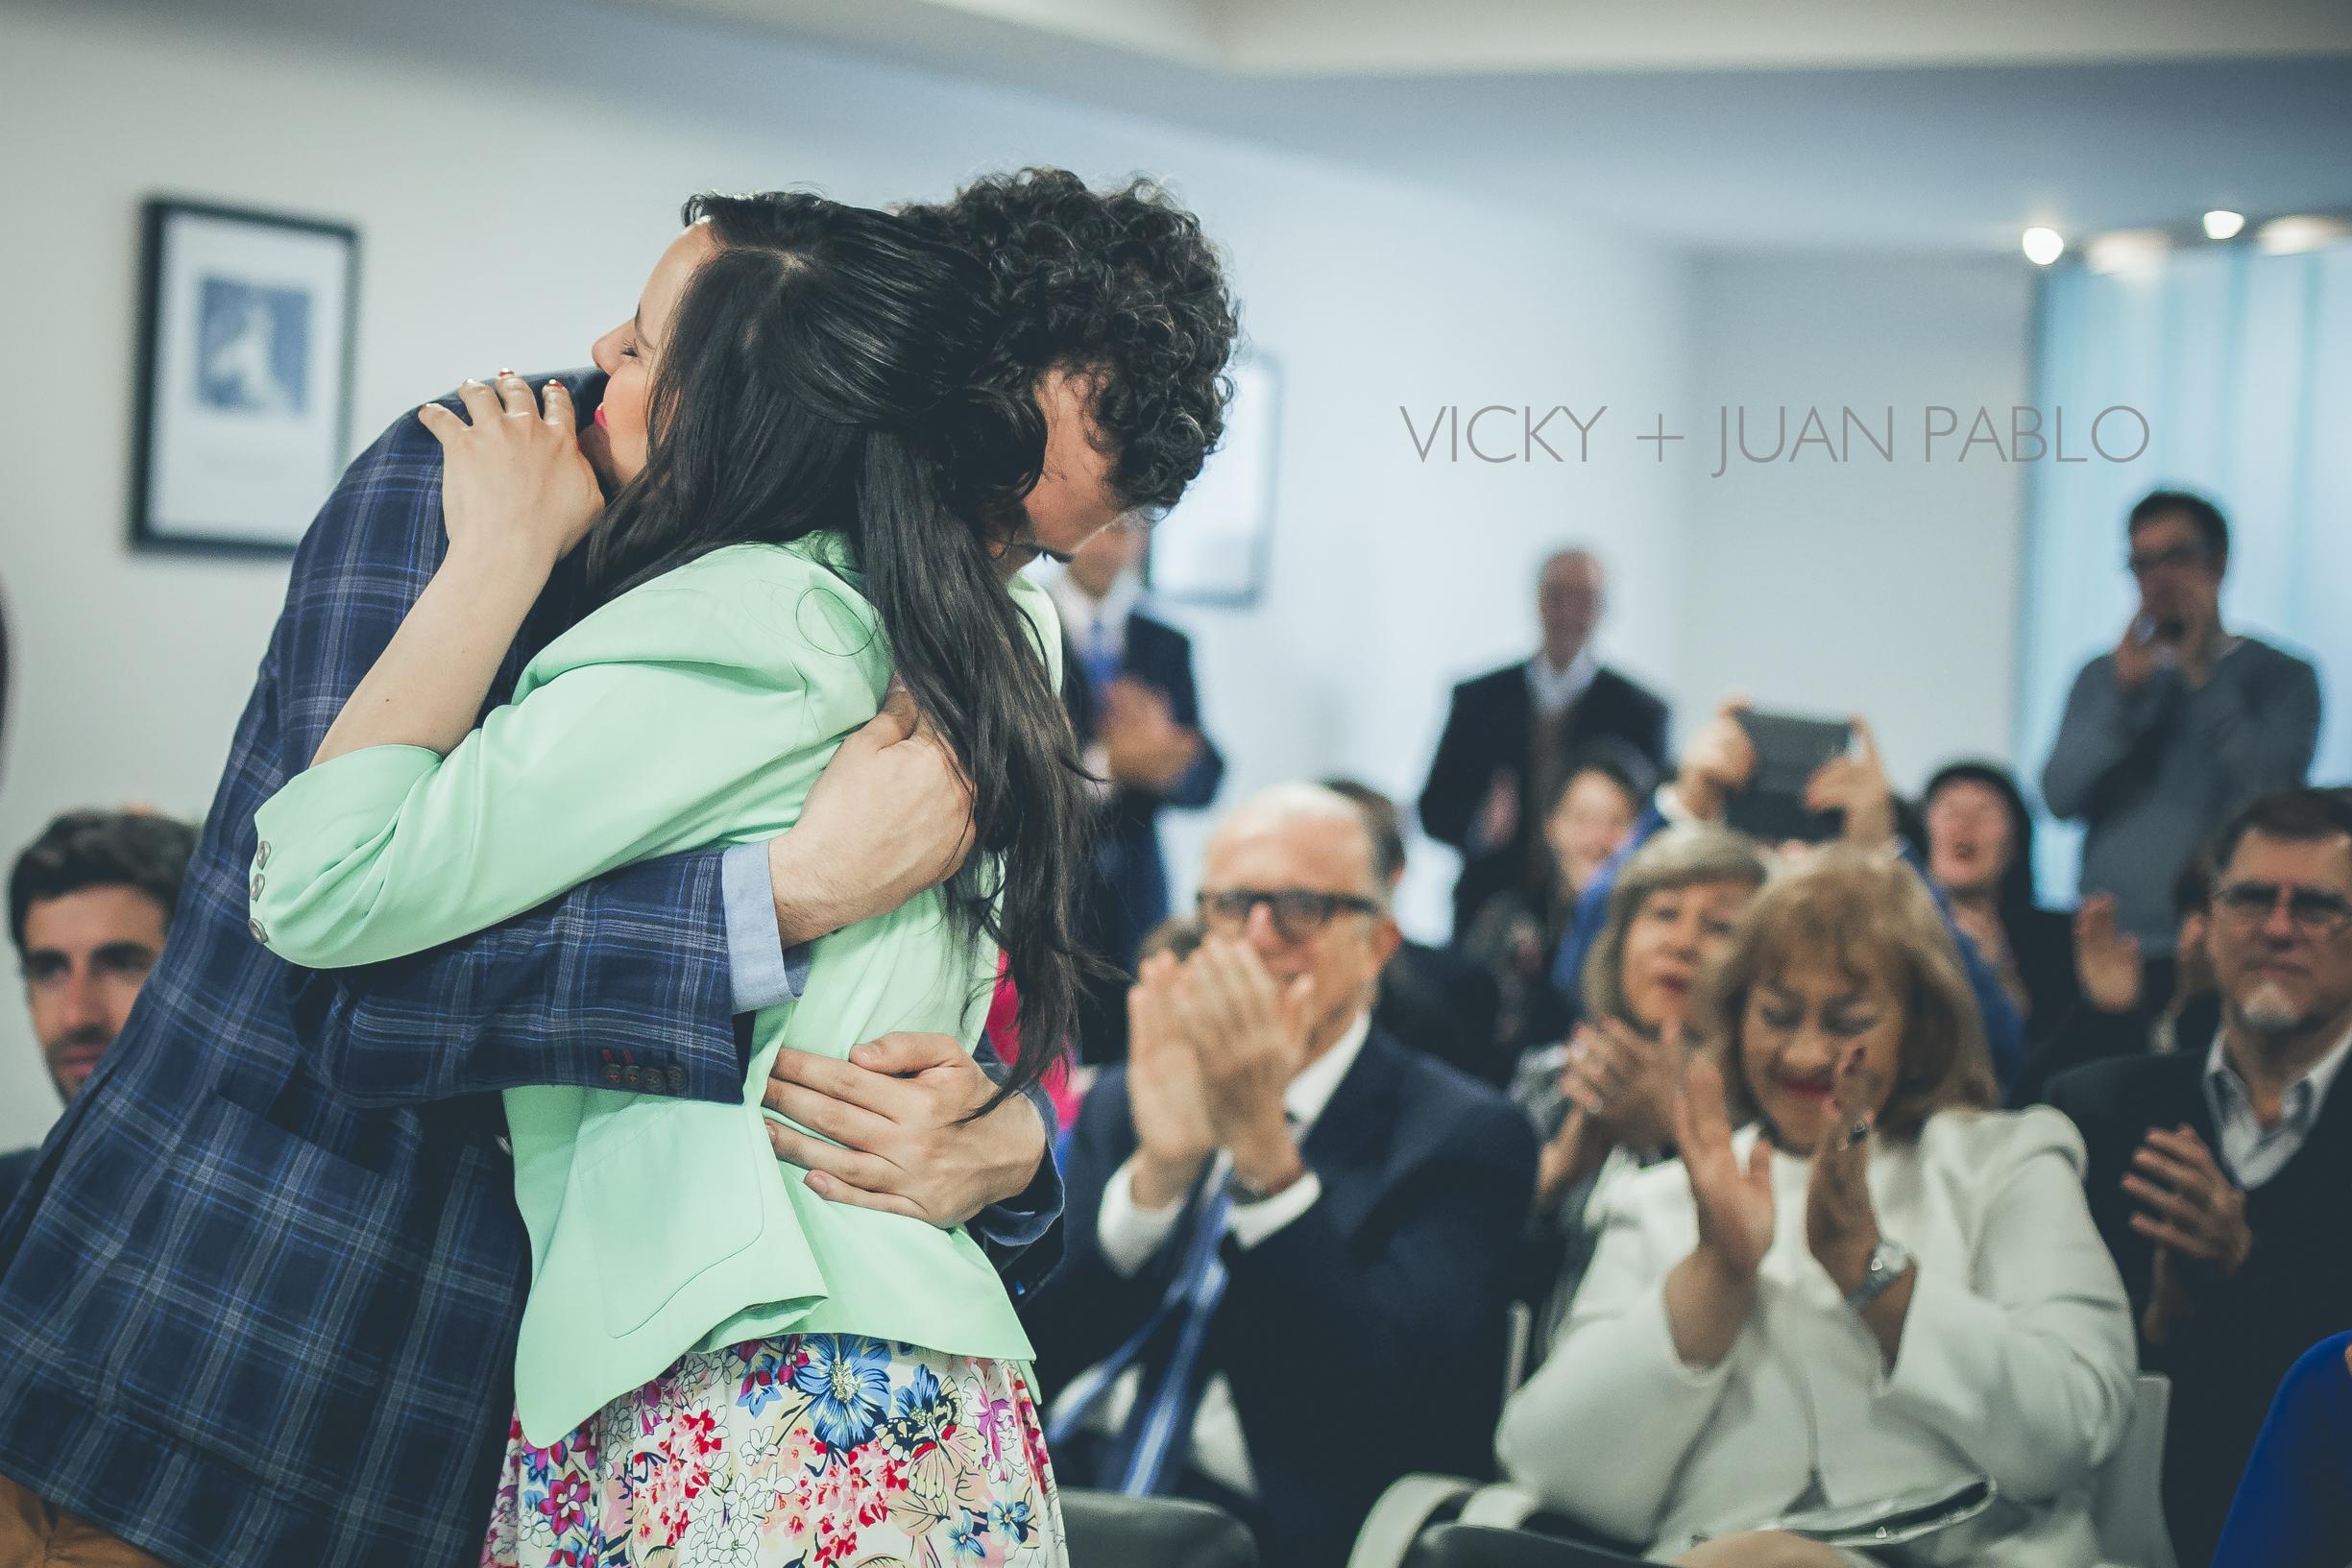 VICKY + JUAN PABLO